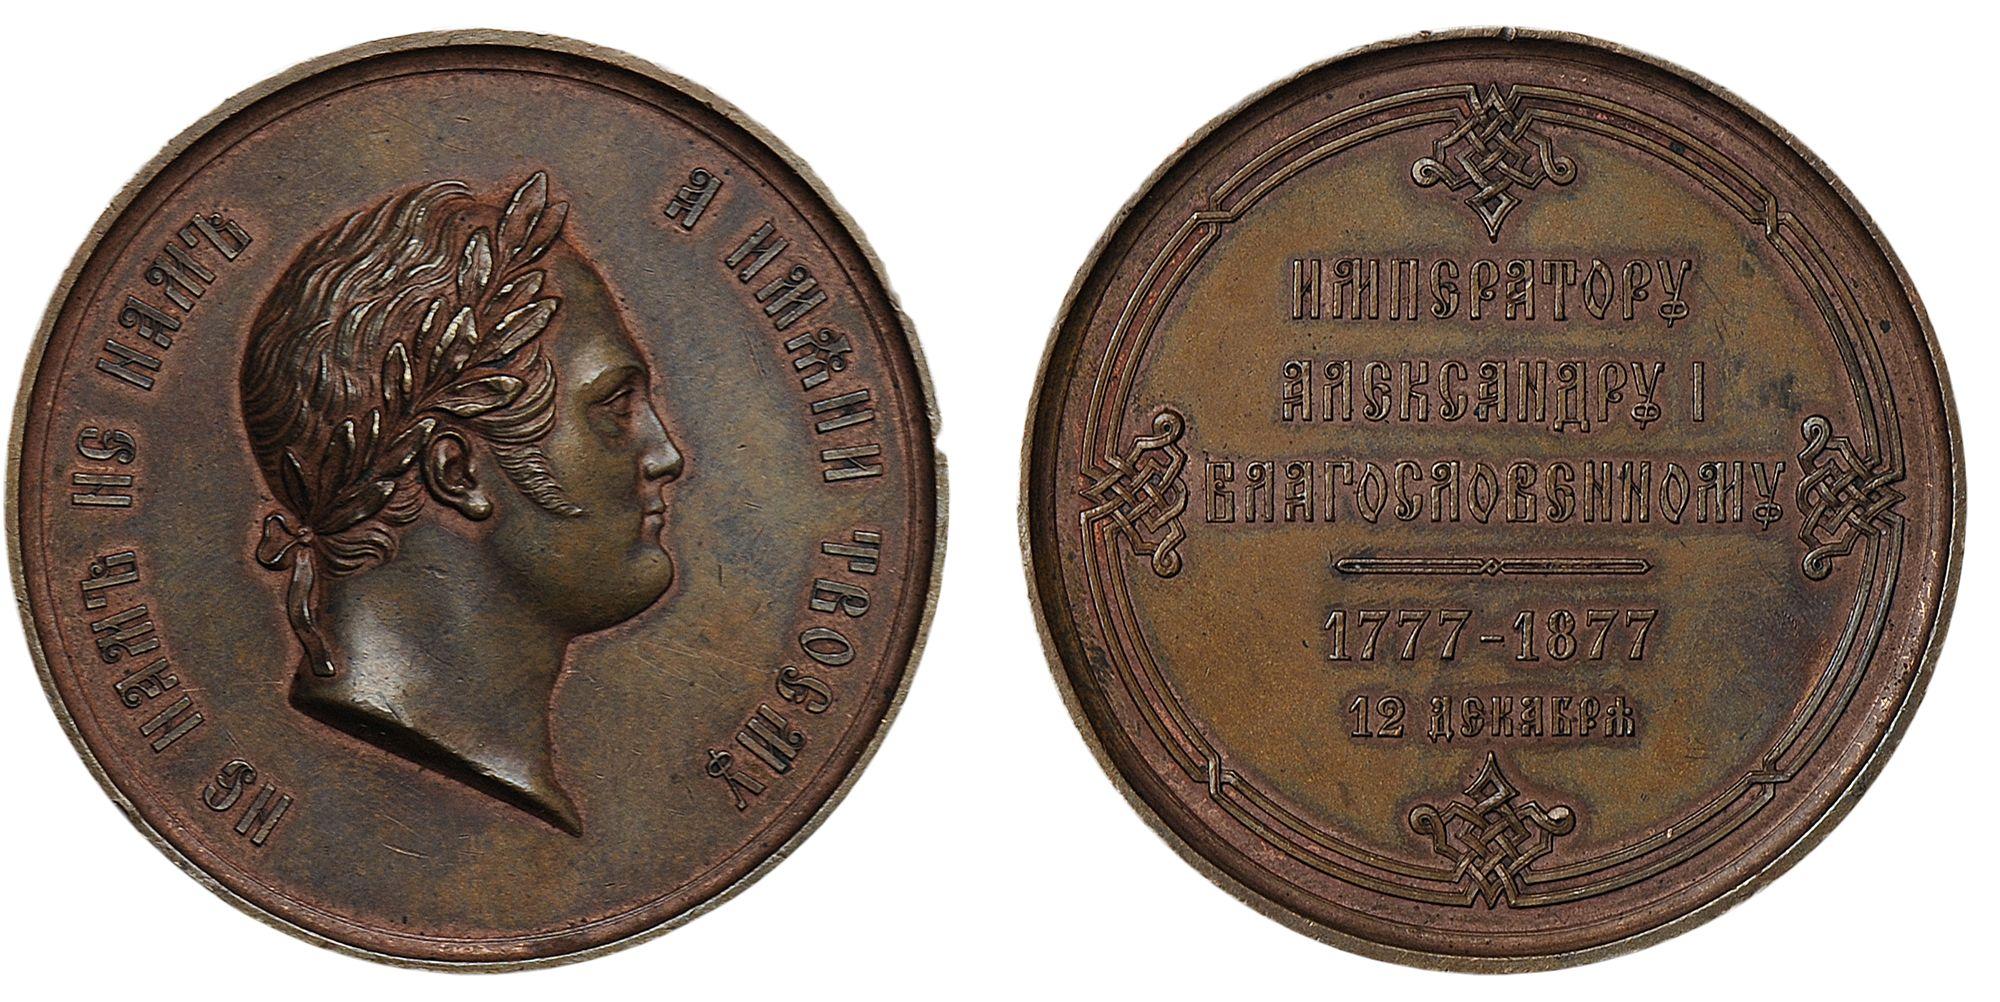 Настольная медаль «В память 100-летия со дня рождения Императора Александра I. 1777-1877 гг.»